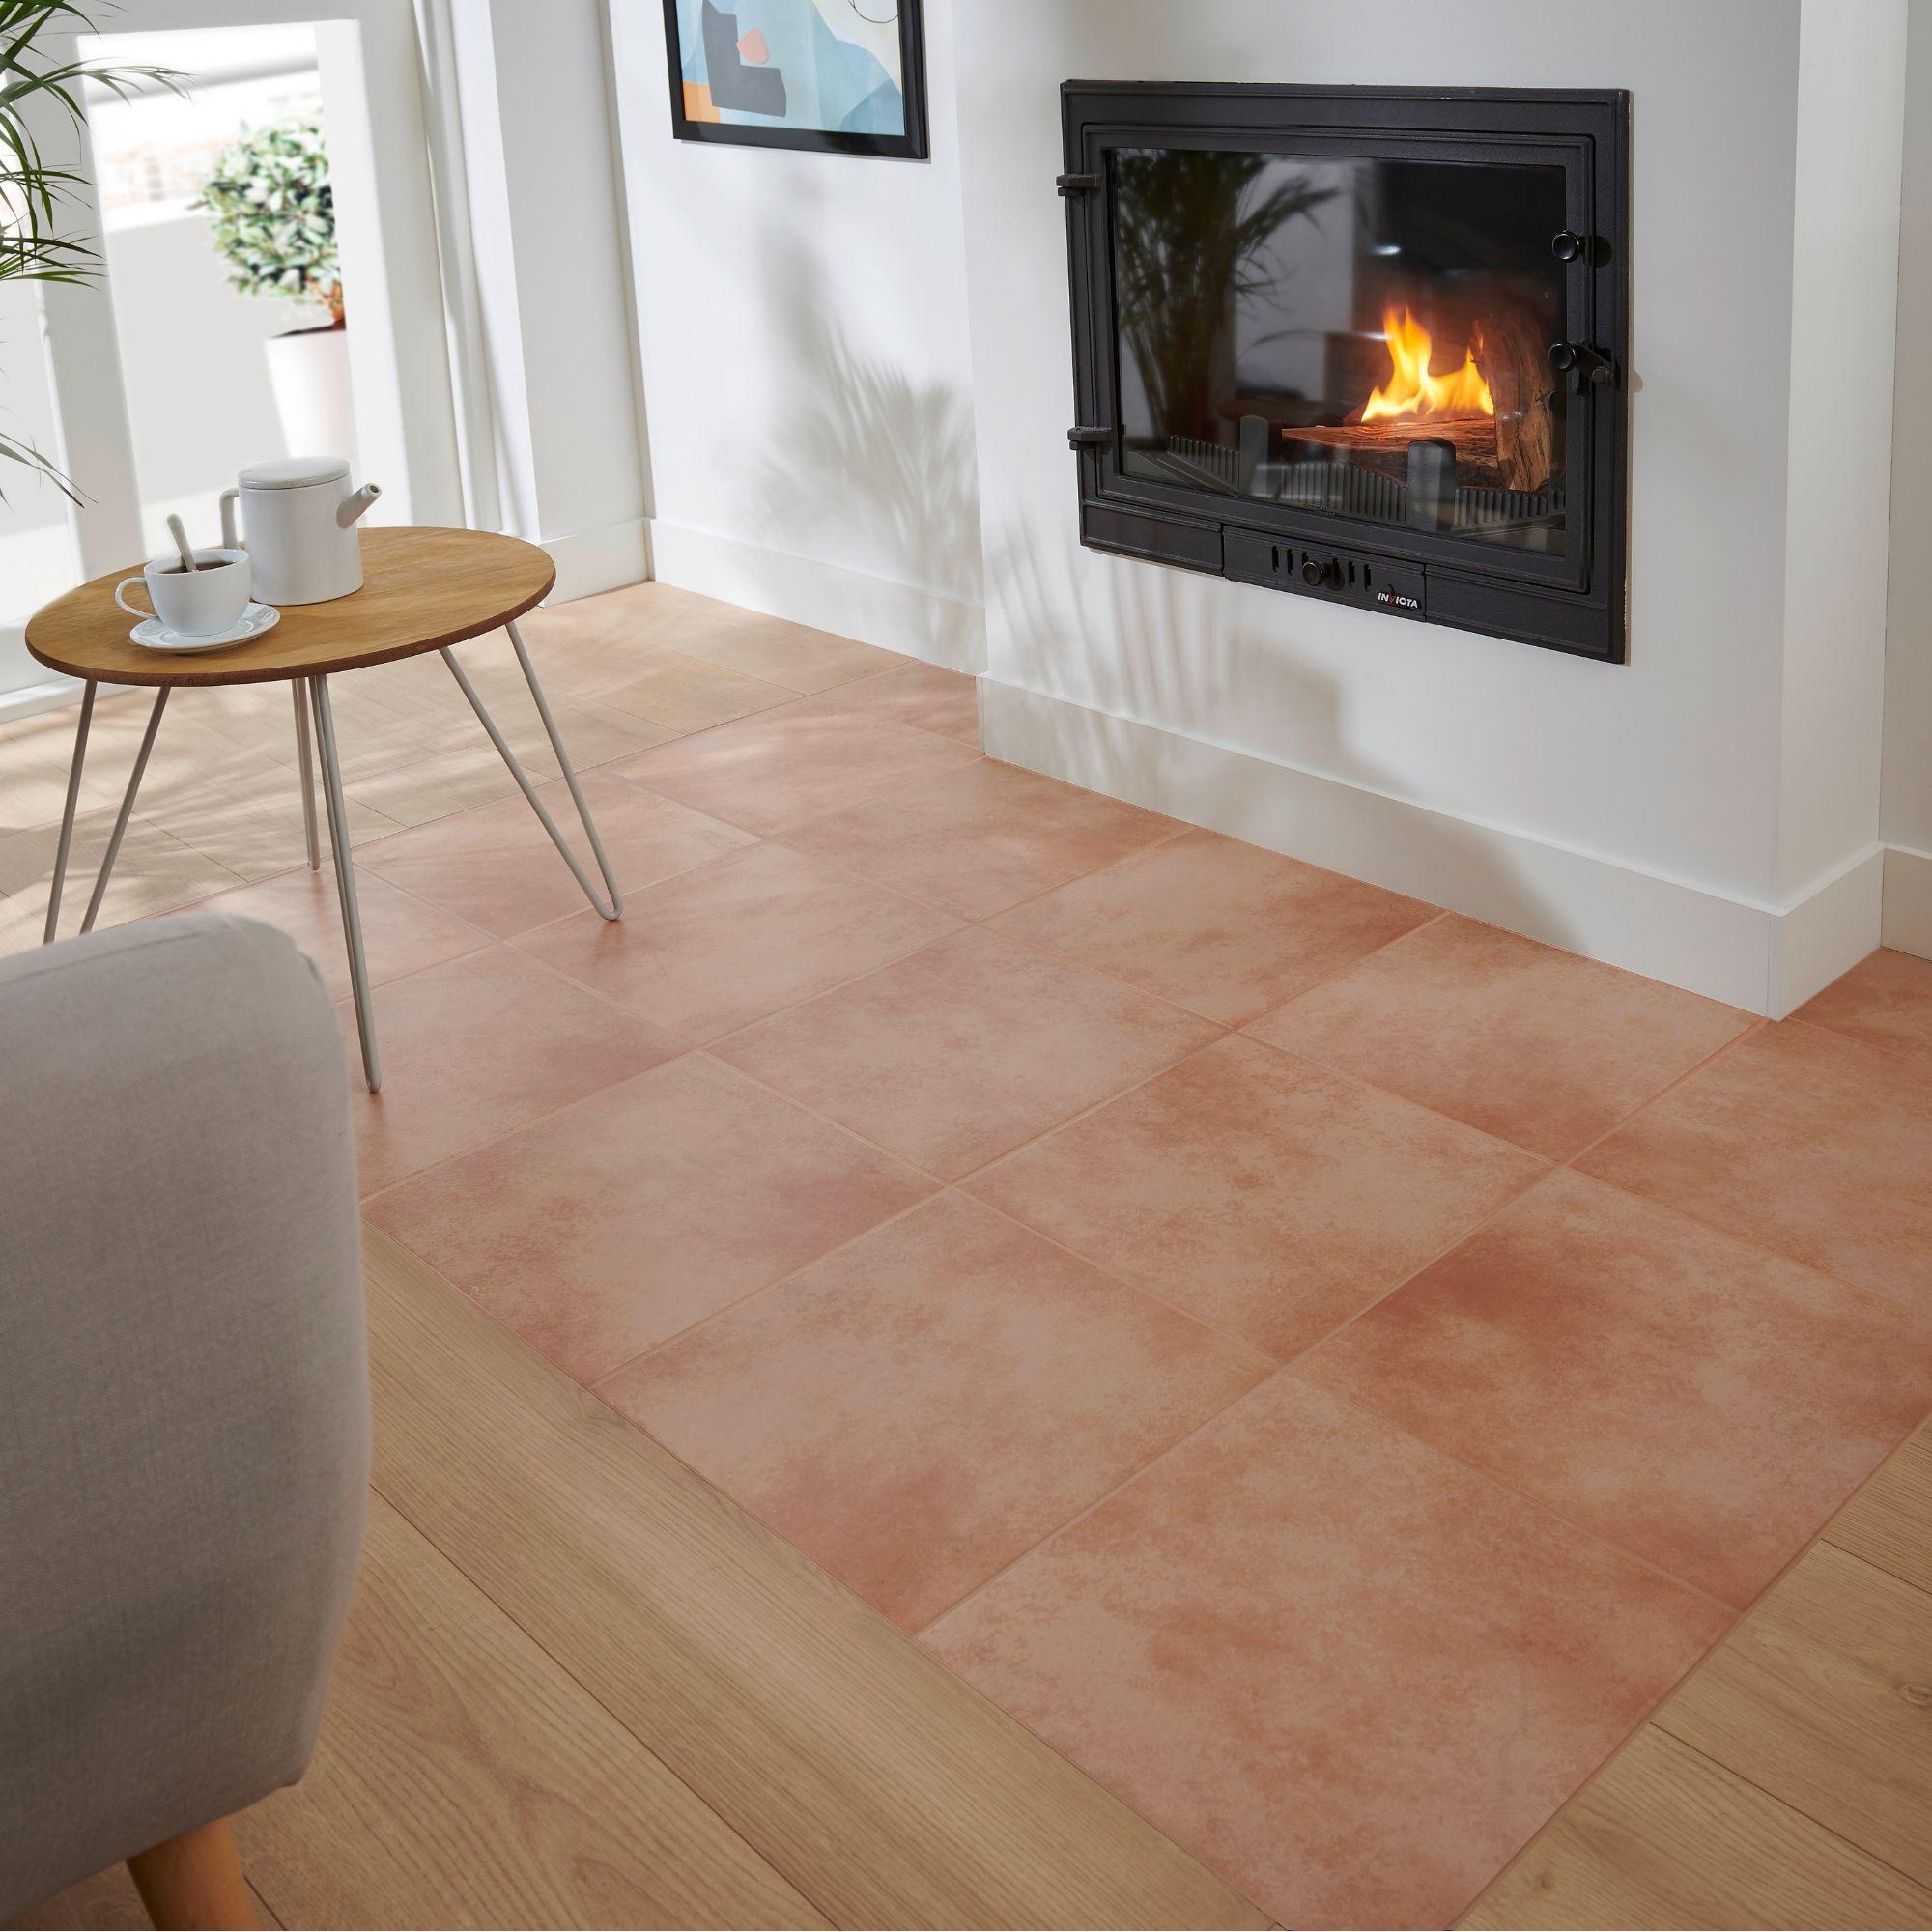 Terracotta Effect Ceramic Floor Tile